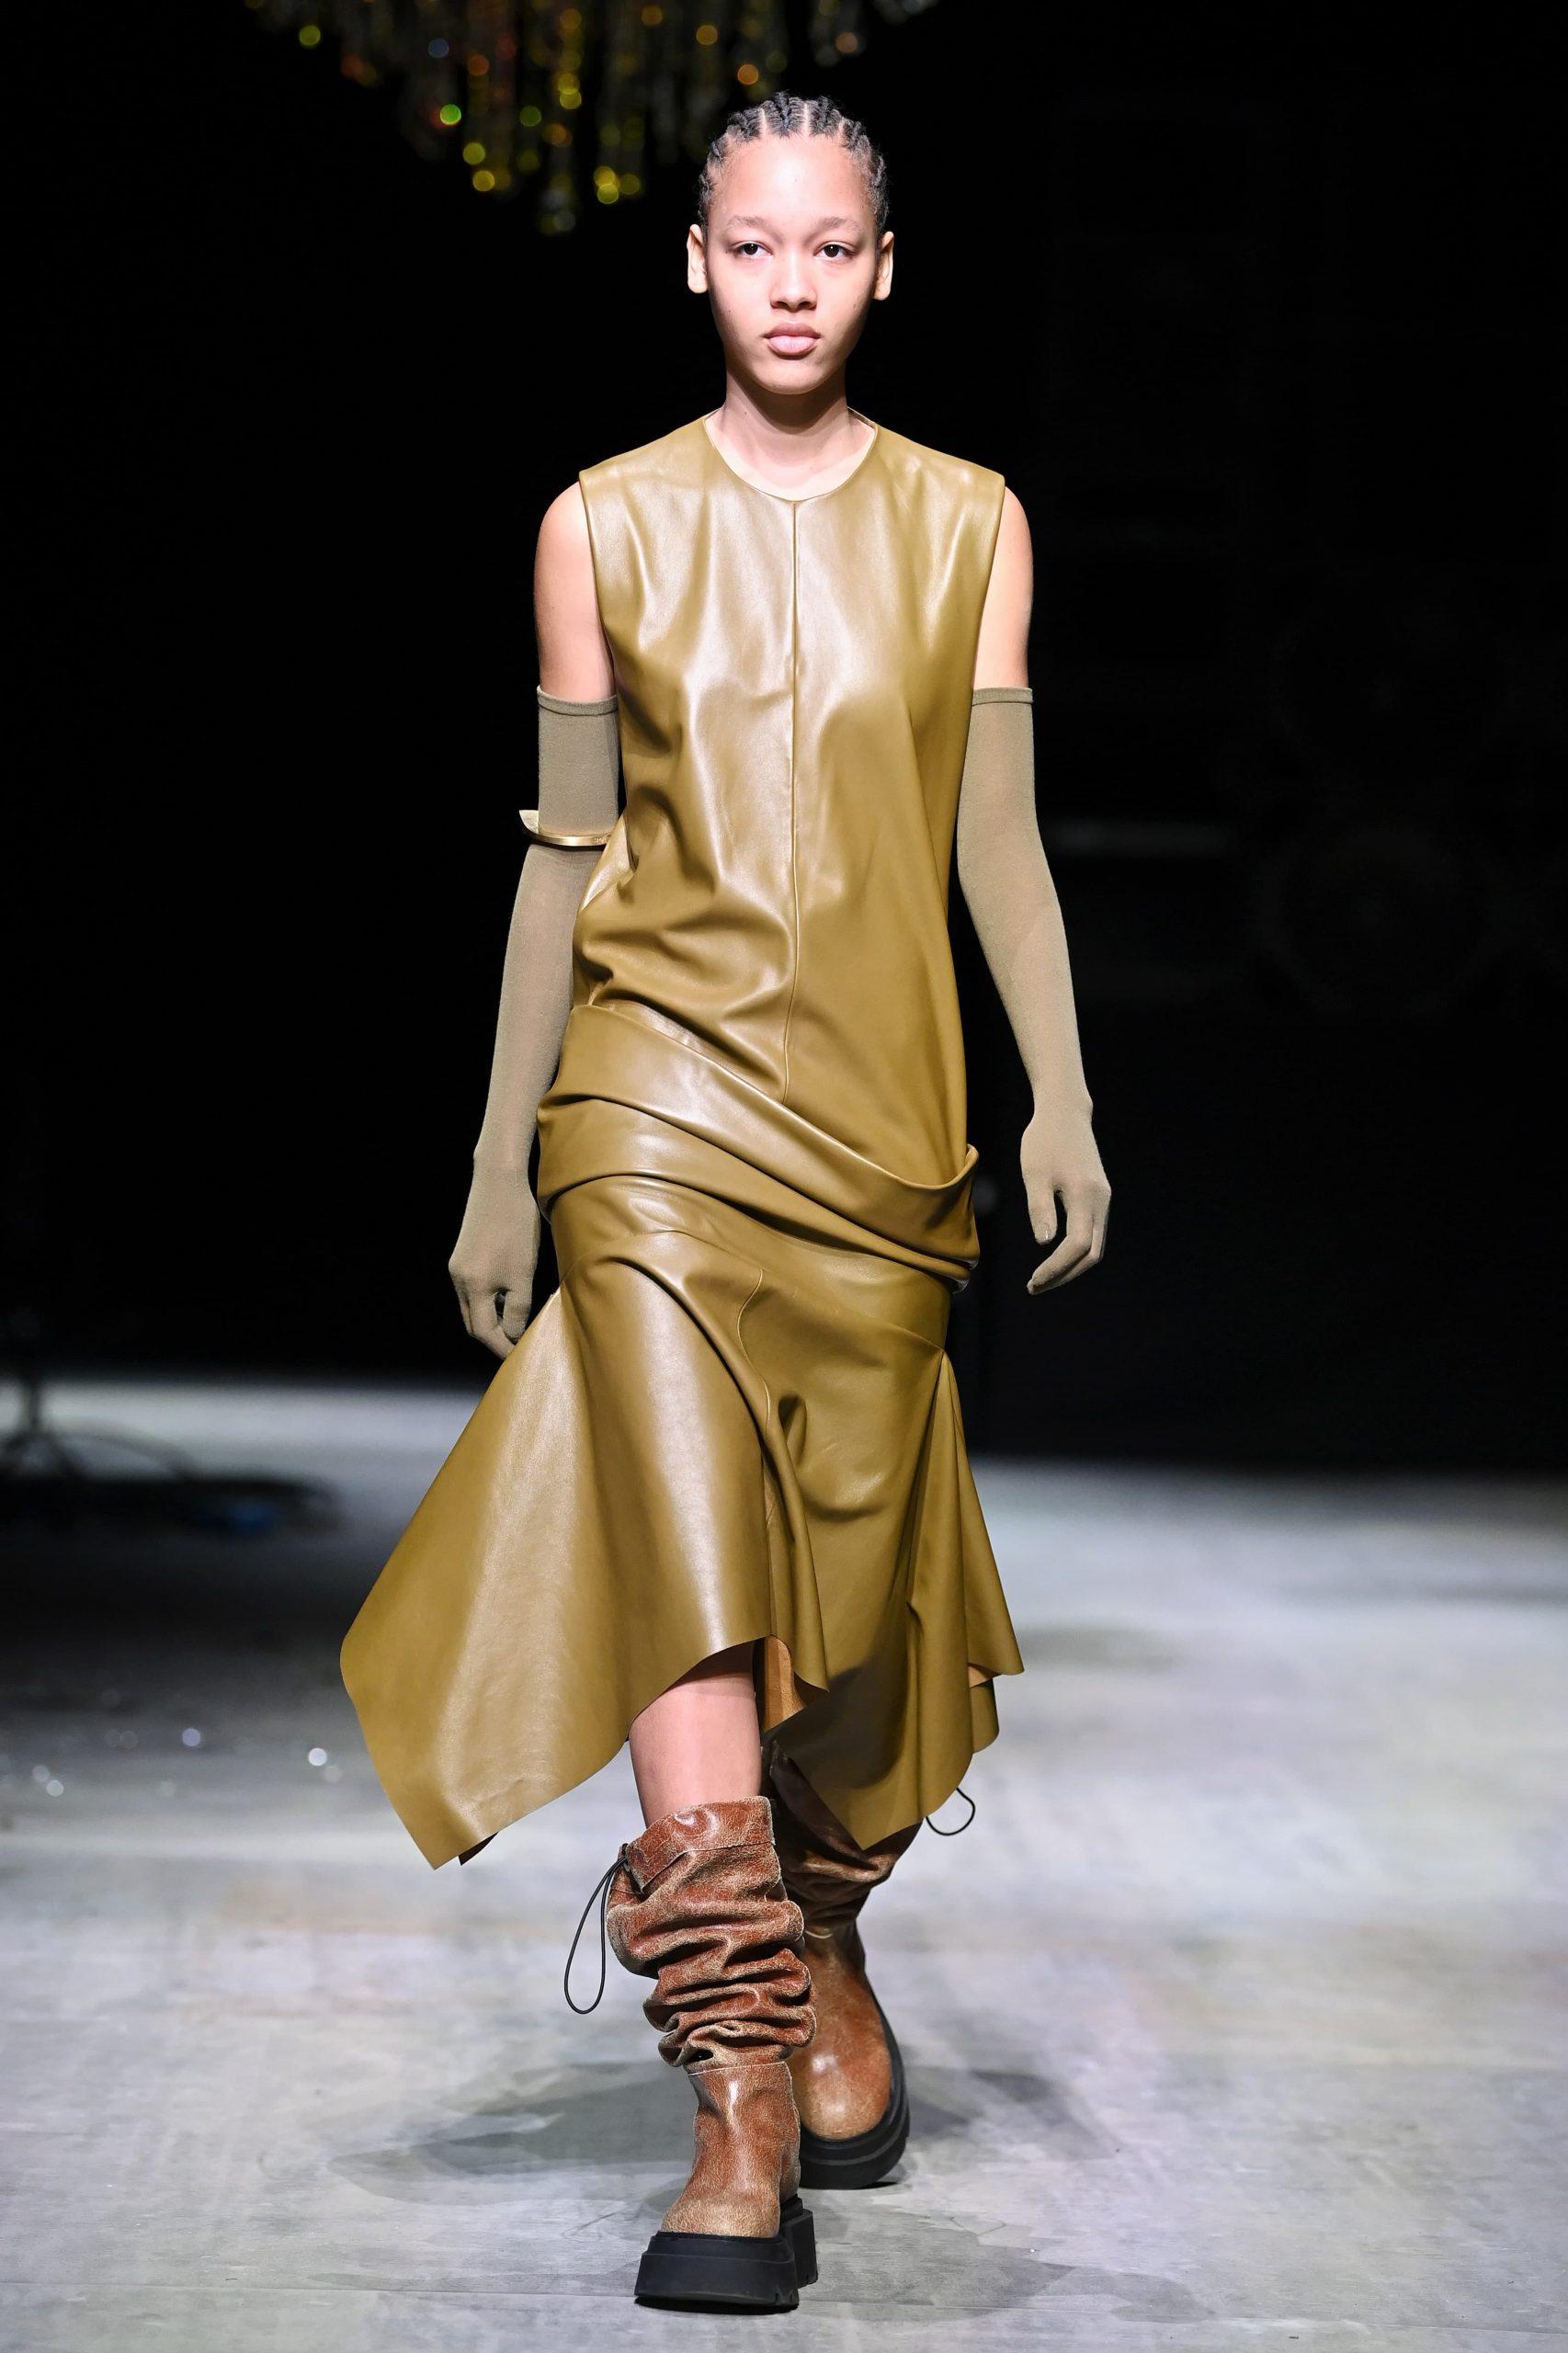 Giorgio Armani, Salvatore Ferragamo, Sportmax, and Ermanno Scervino Fall 2021 Fashion Show Review